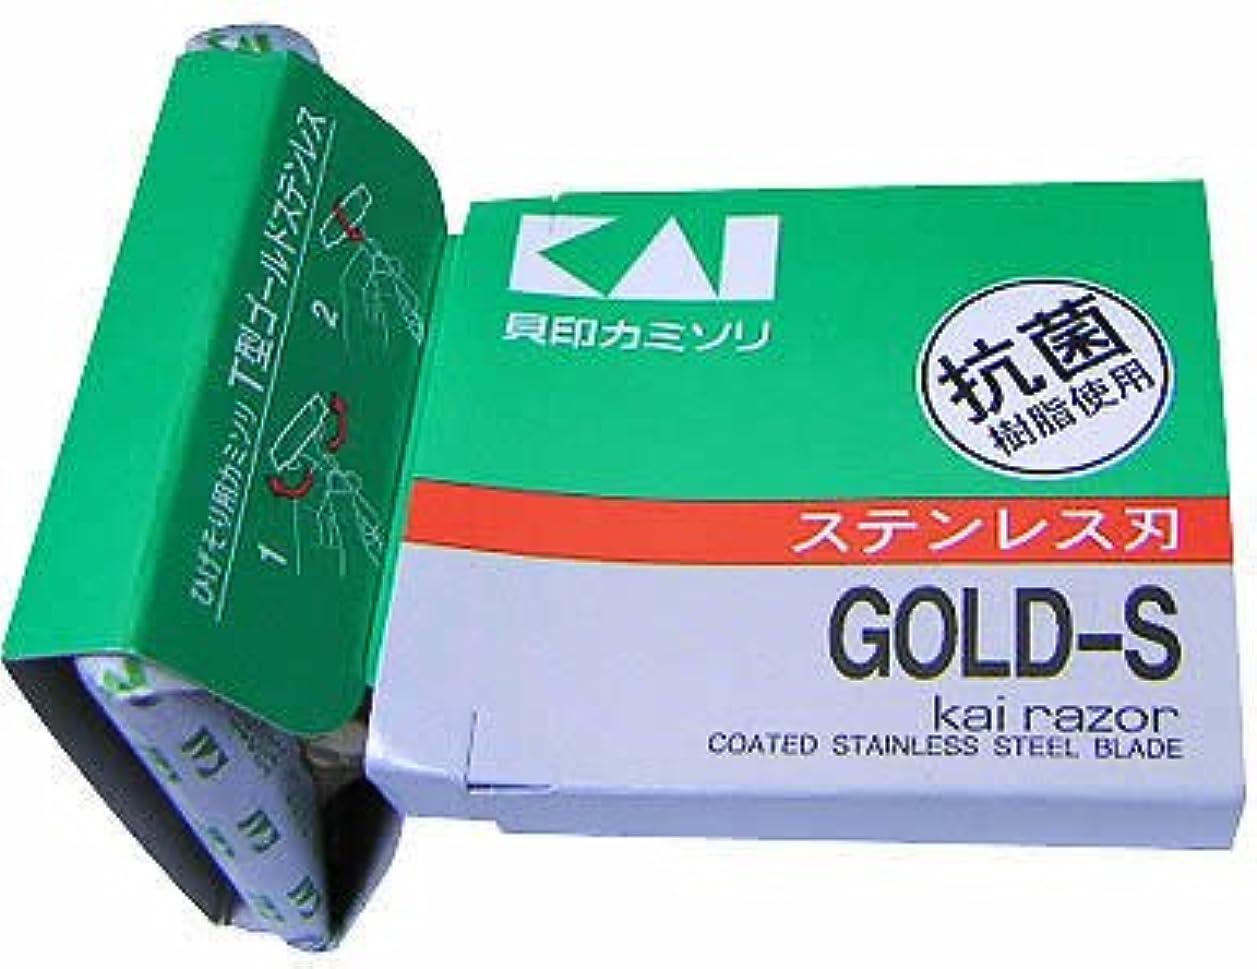 続ける香り無効にするT型ゴールドステンレス カミソリ 5本入